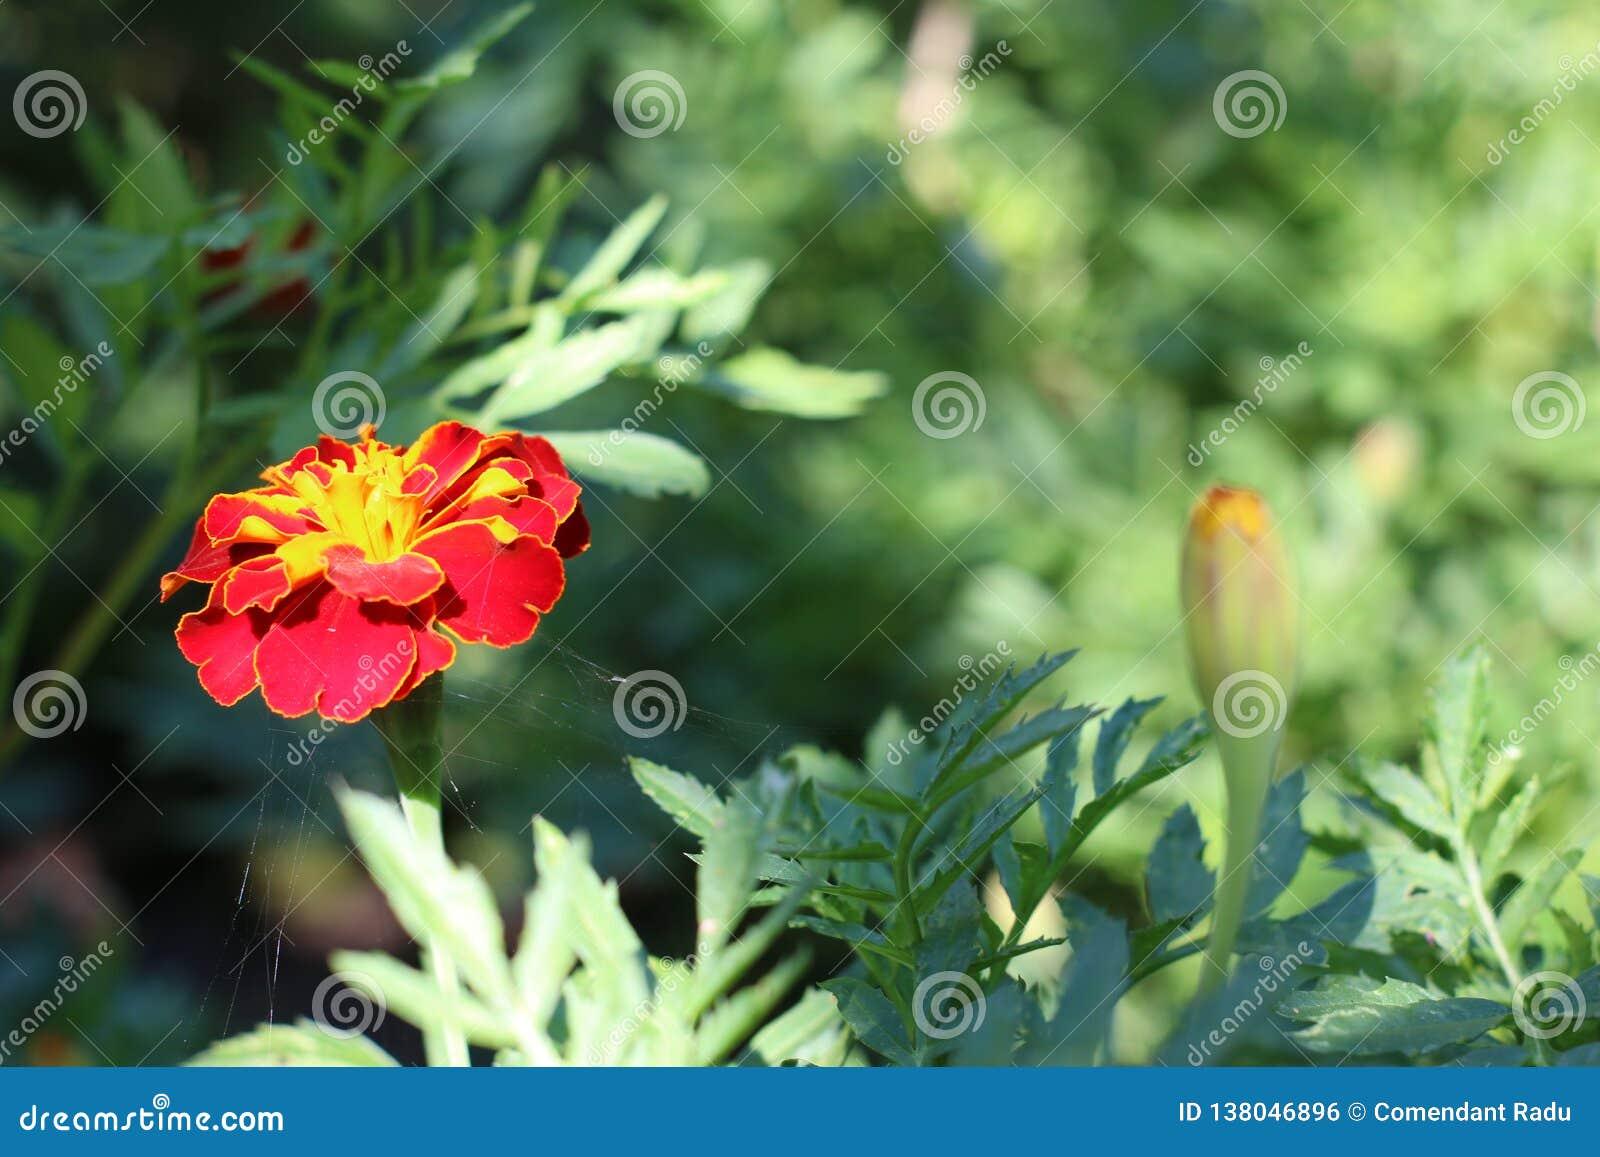 Een mooie bloem in het zonlicht